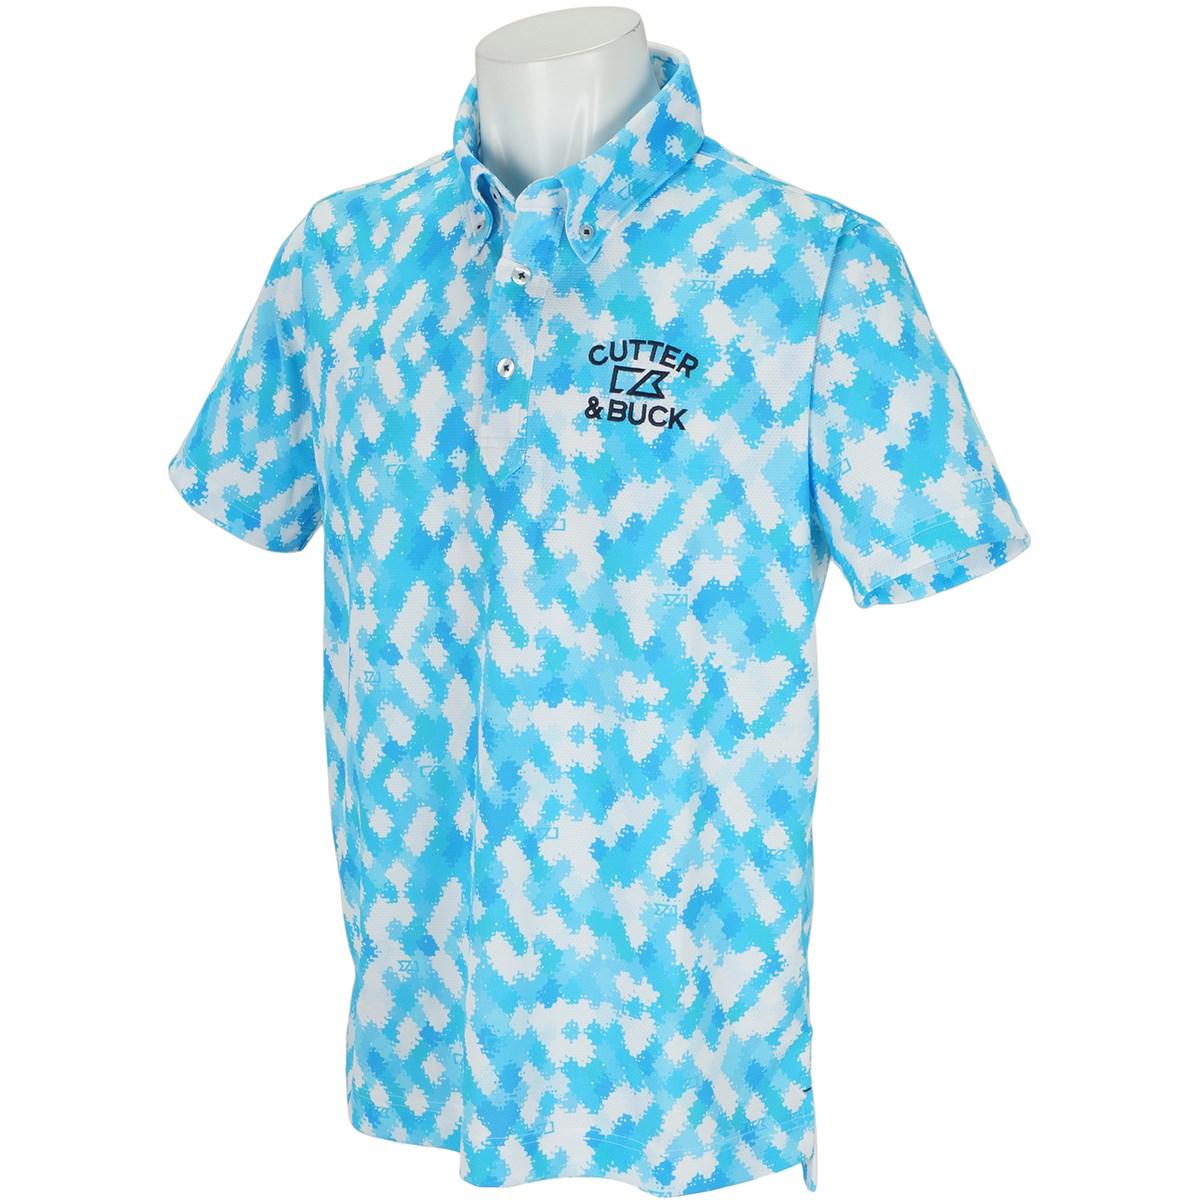 カッター&バック サンスクリーンモザイクプリント ボタンダウンカラー半袖ポロシャツ